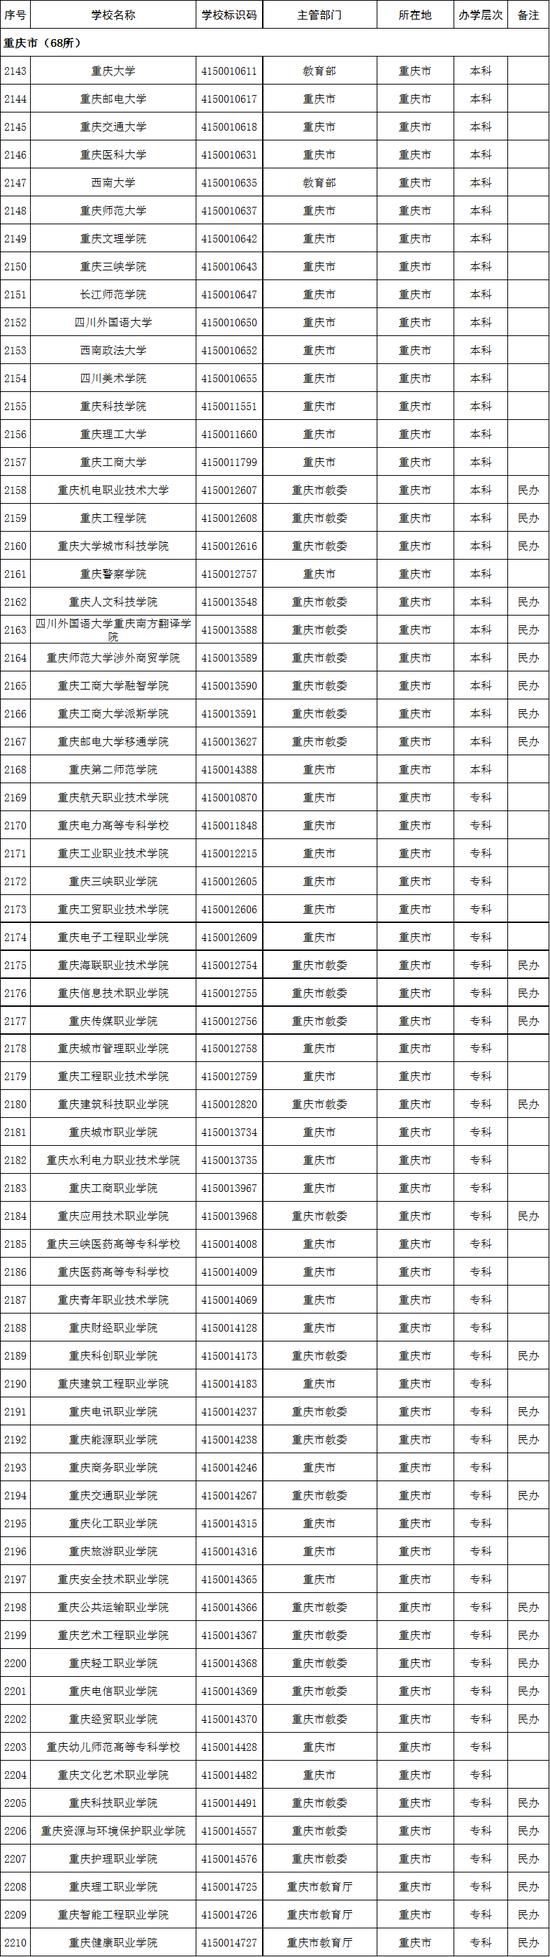 2020年重庆市高校名单(68所)